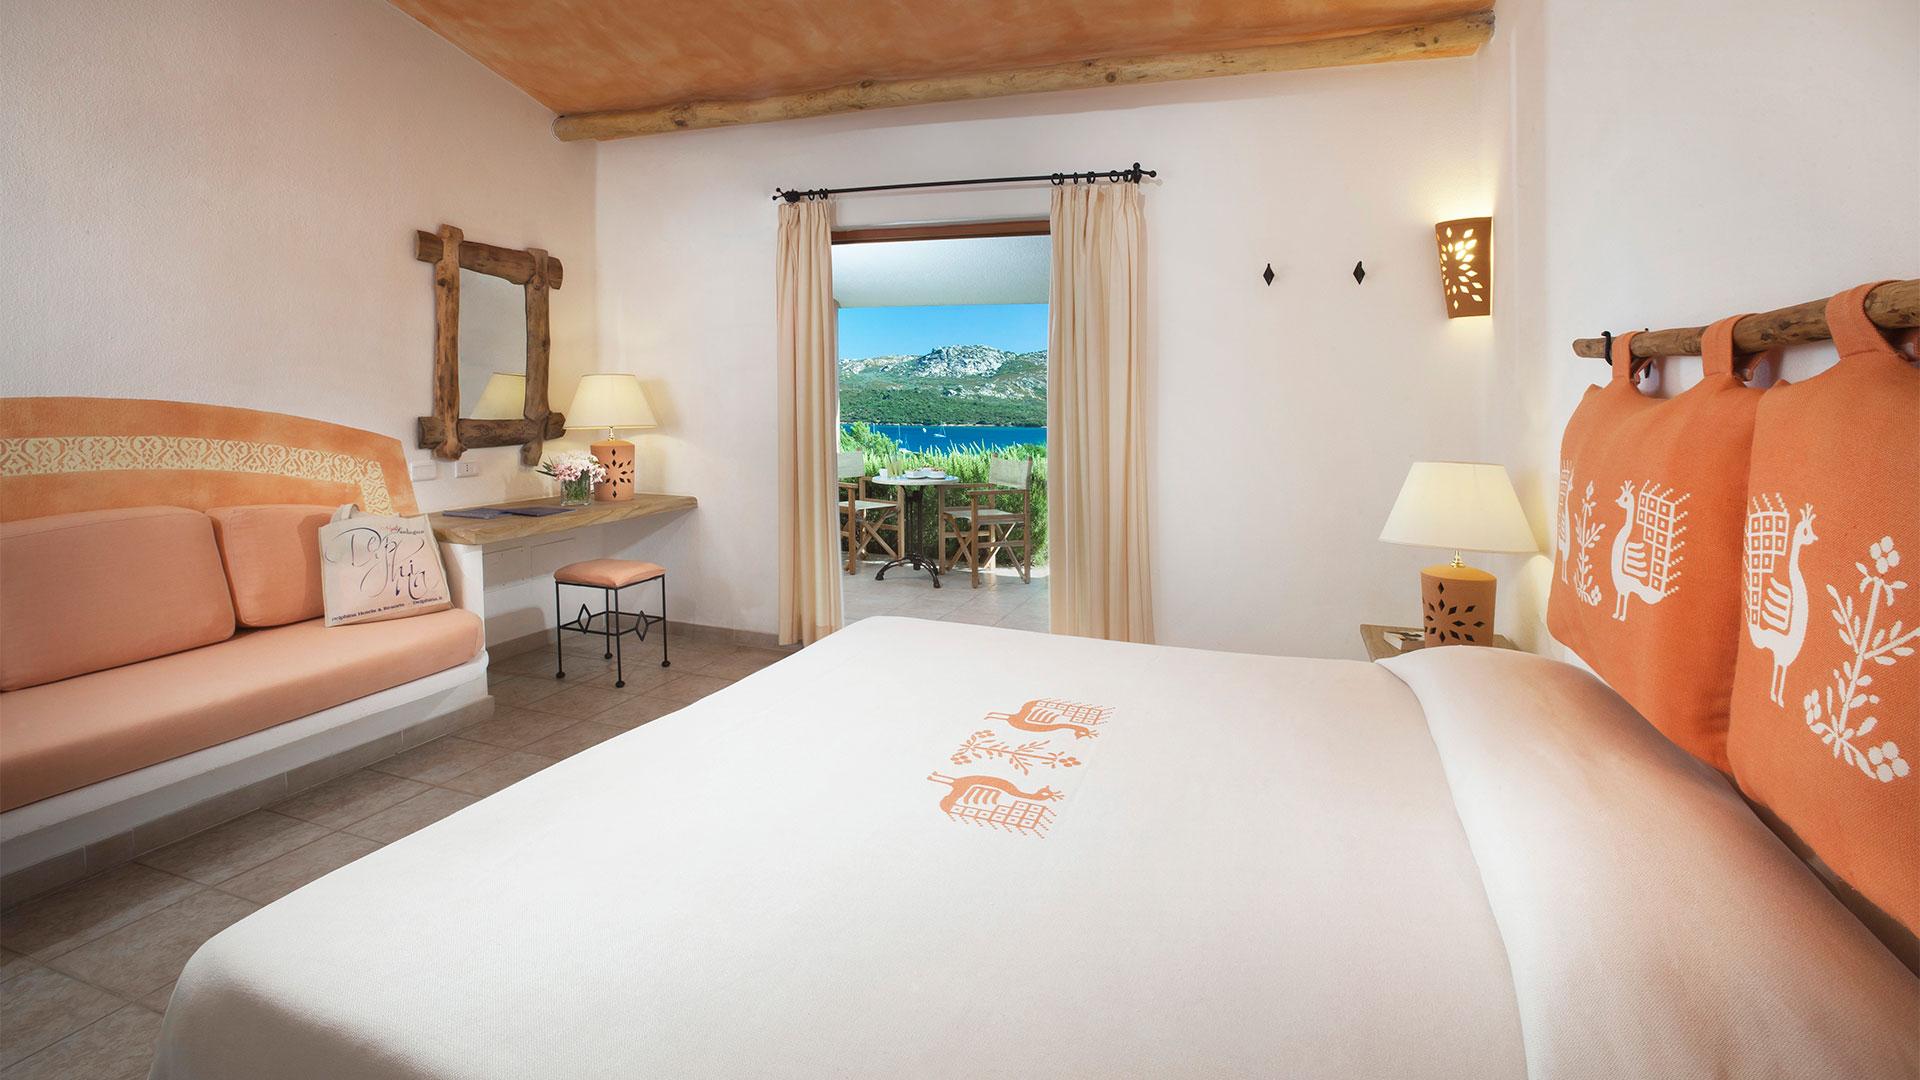 park-hotel-cala-lepre-slider-camere-standard-palau-1